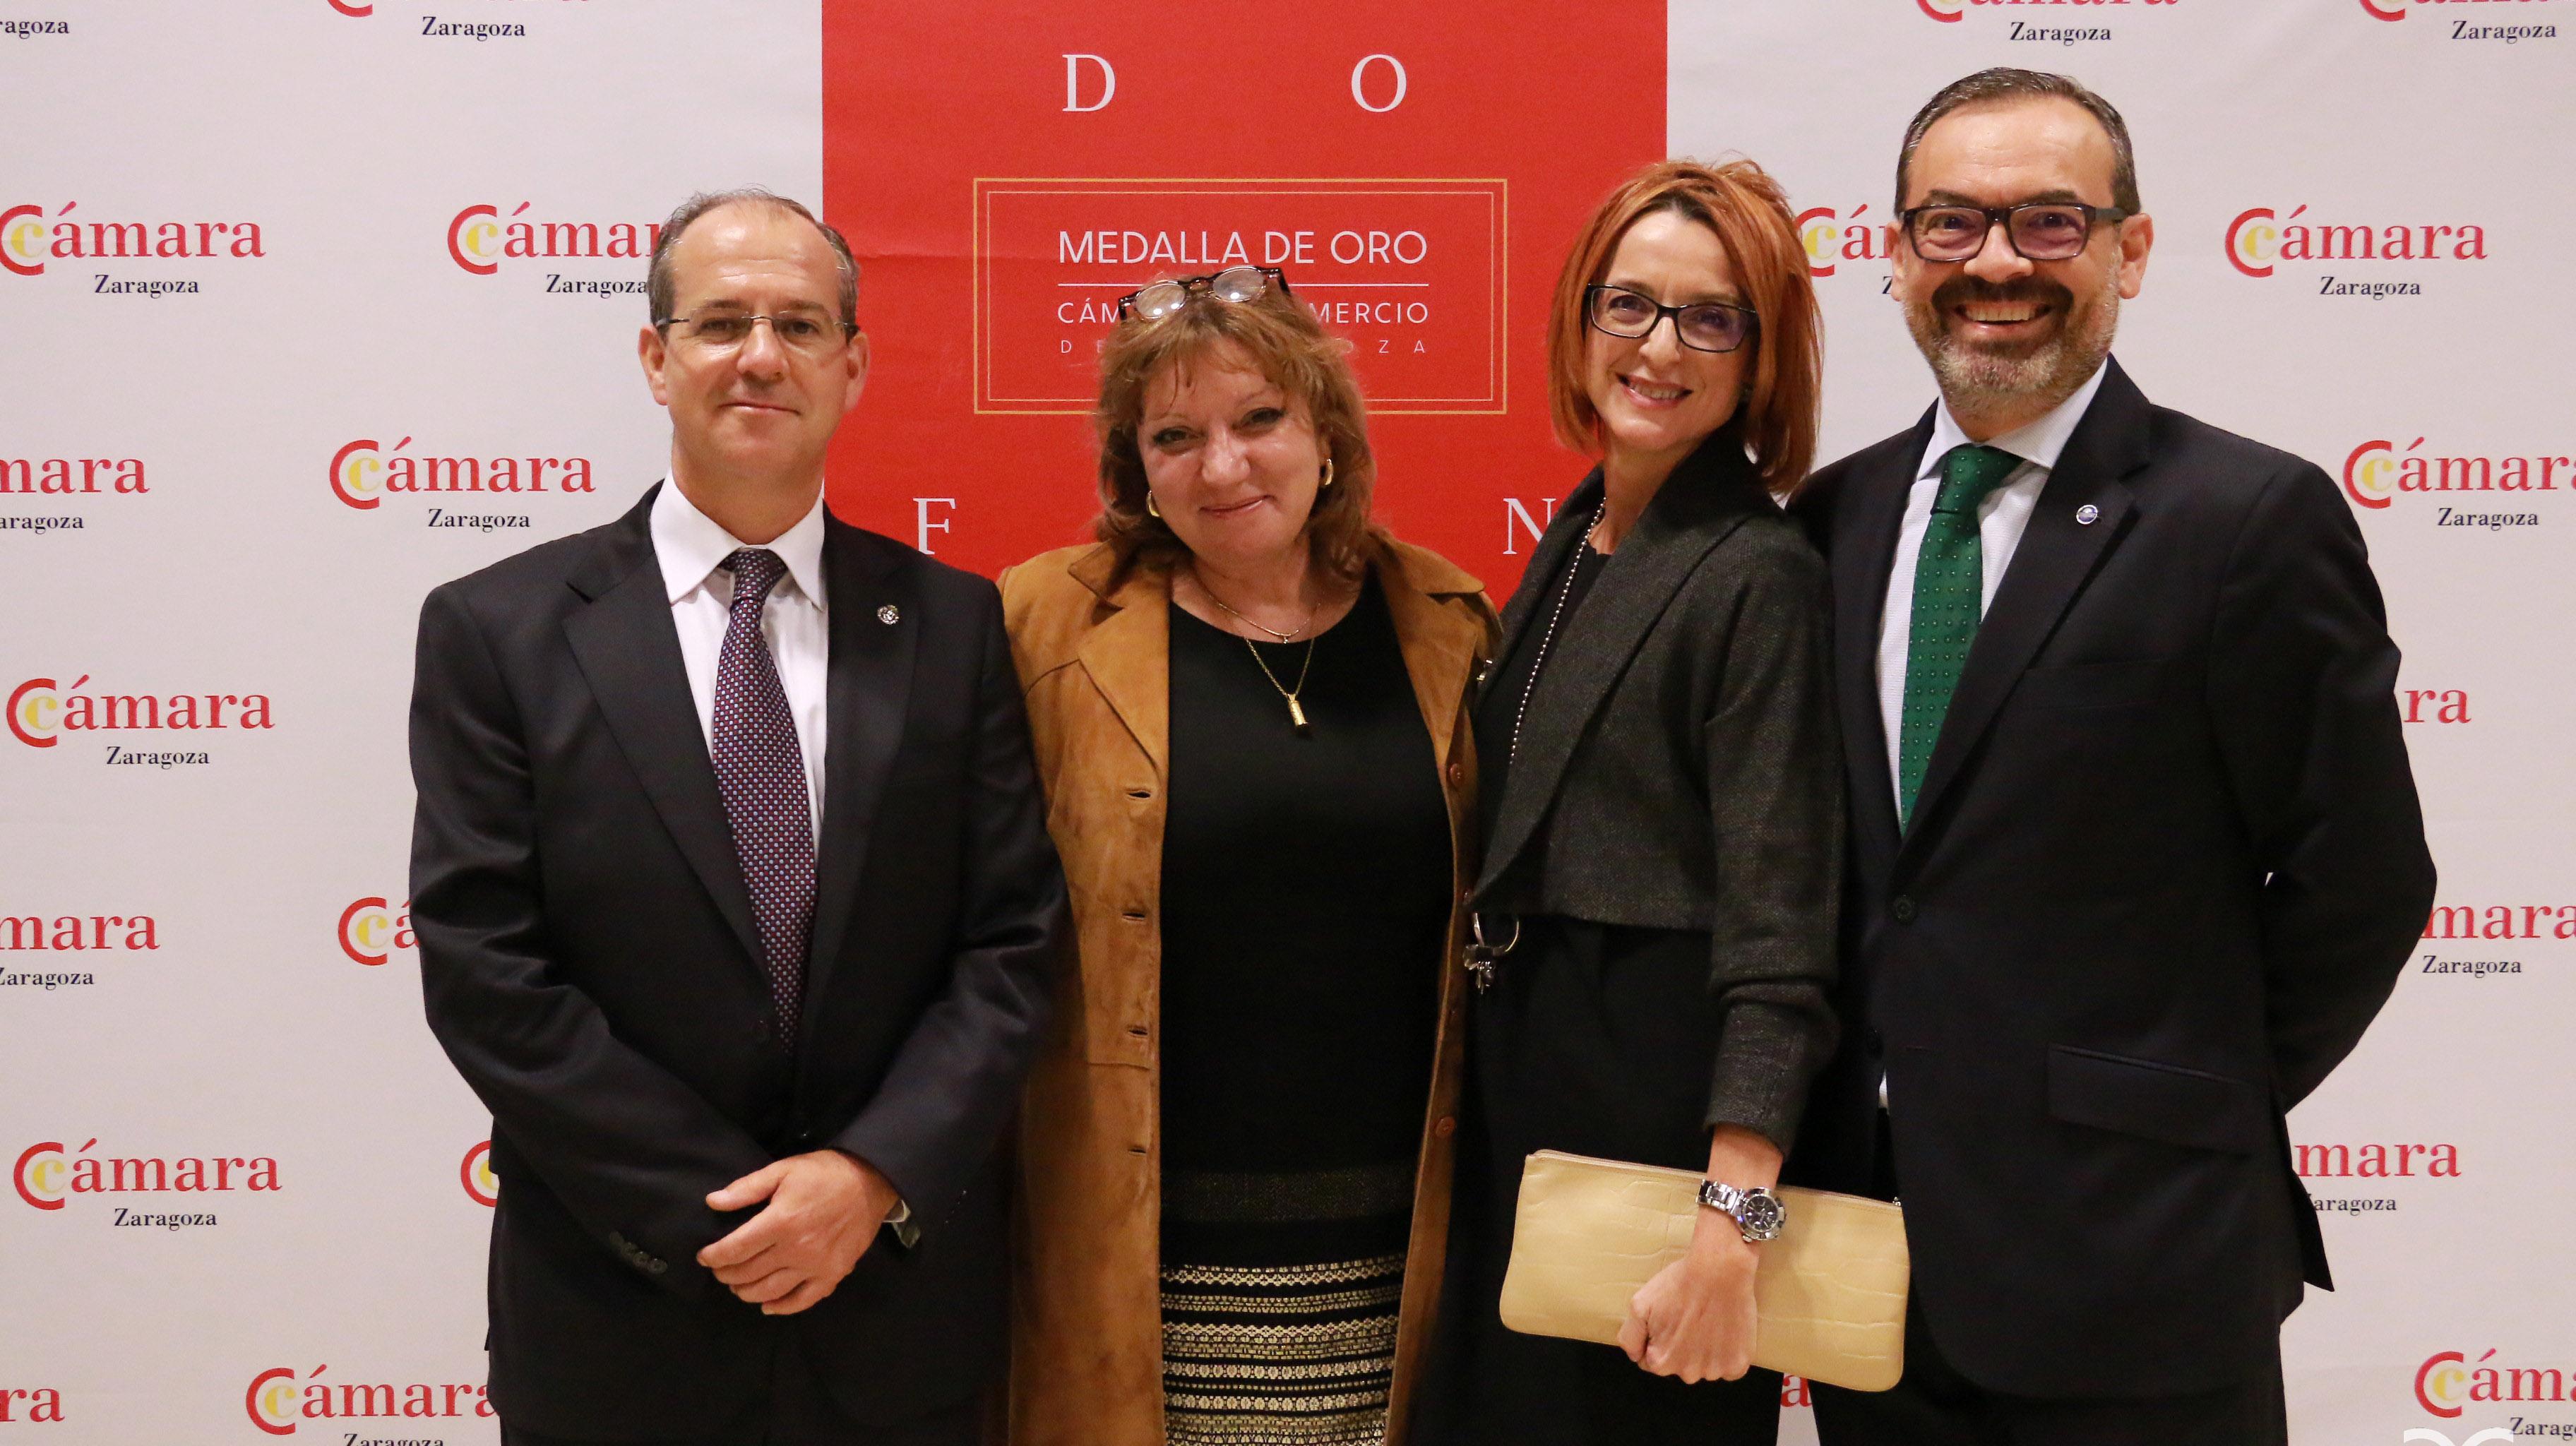 Javier Nieto, Marisa Claver, Natividad Blasco, Rogelio Cuairán